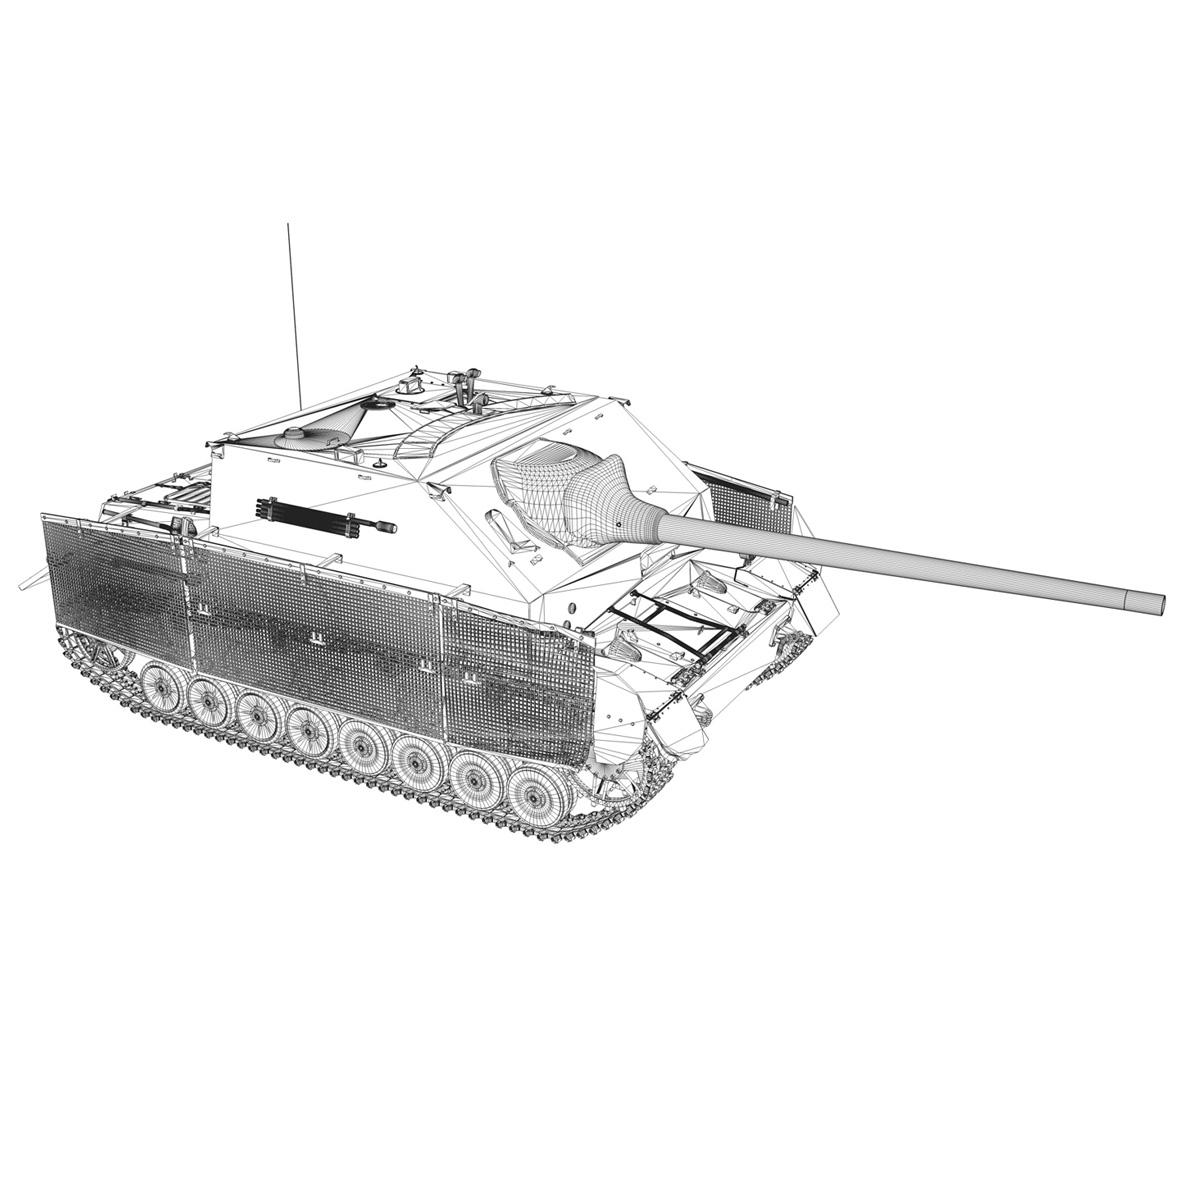 jagdpanzer iv l/70 (a) 3d model 3ds fbx c4d obj 200838